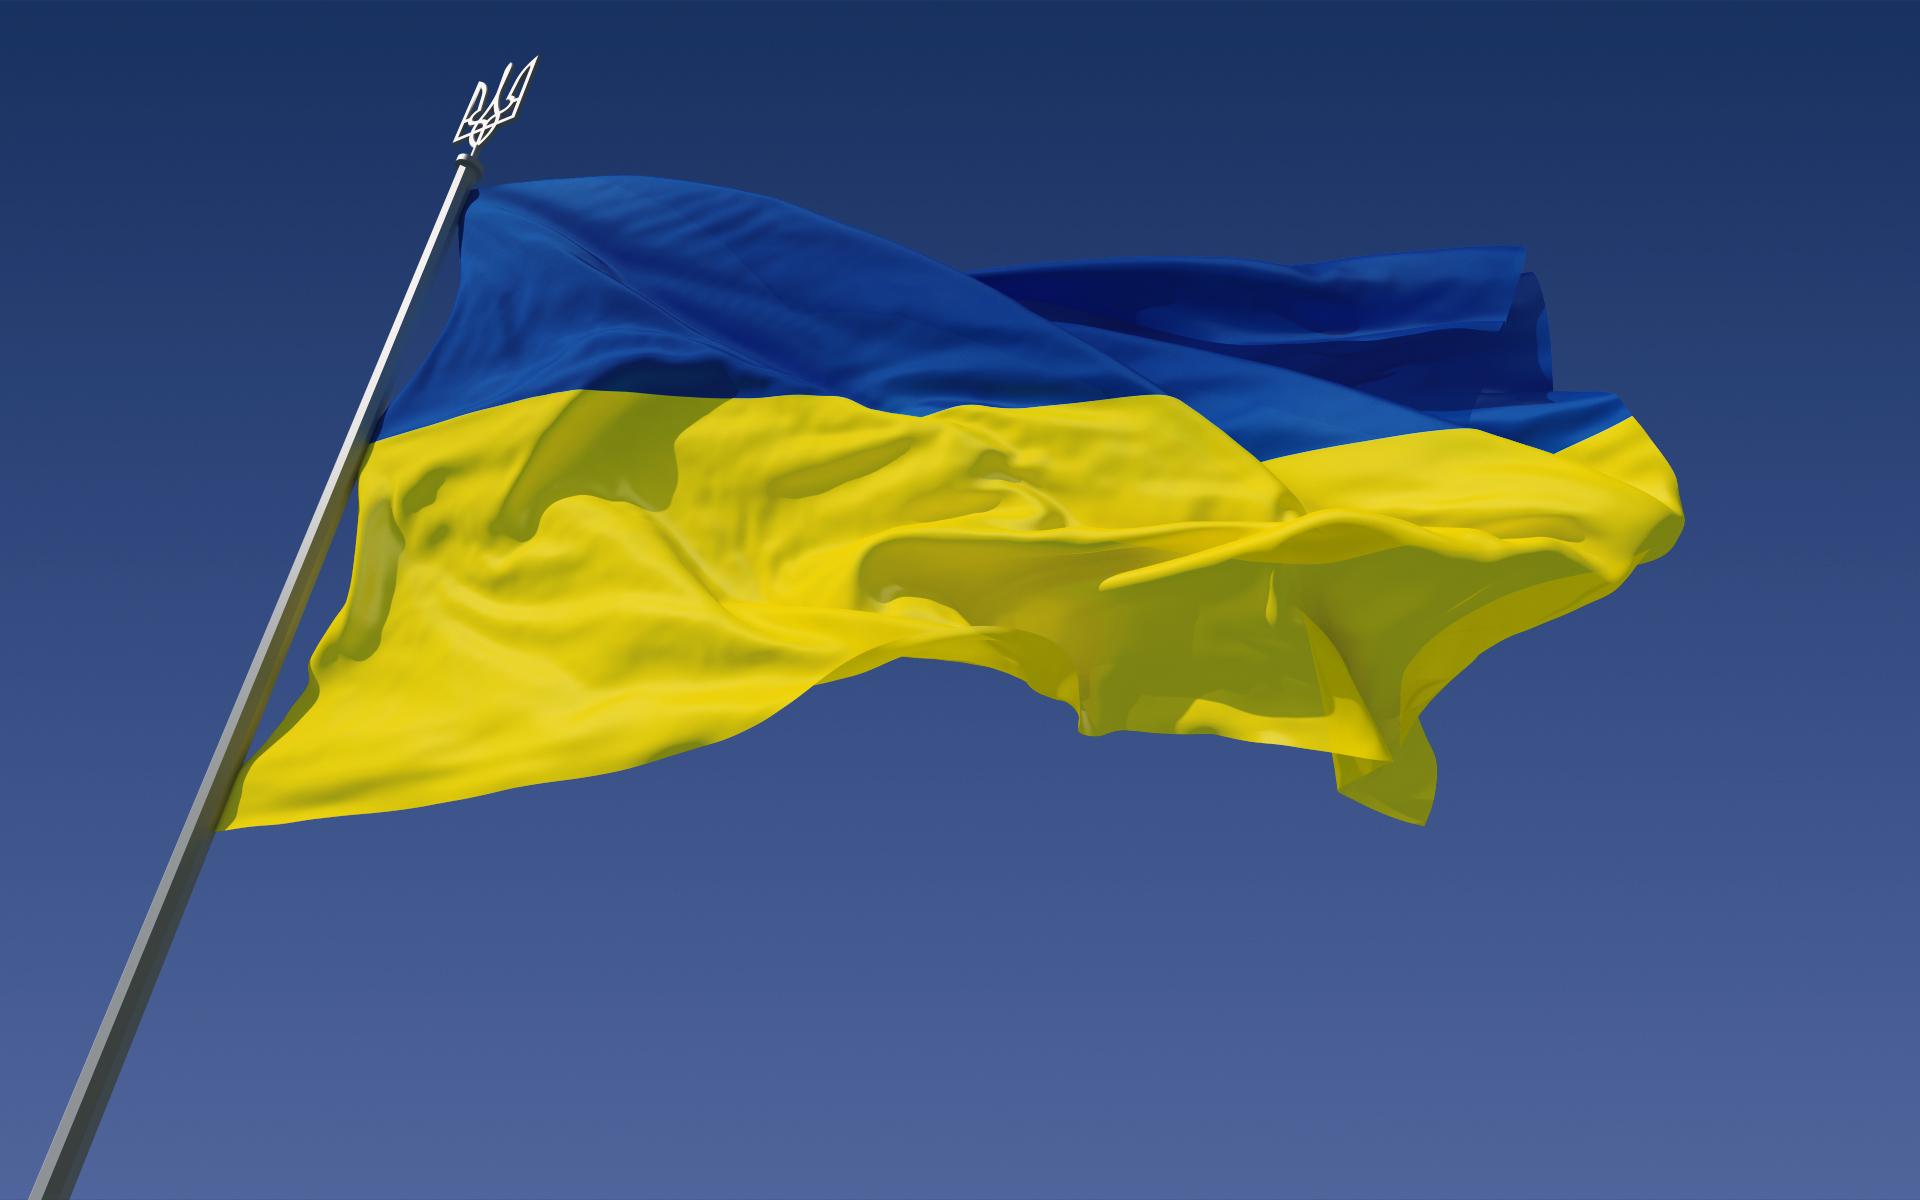 Binance se asocia con el Ministerio de Transformación Digital en Ucrania para impulsar las criptomonedas en el país